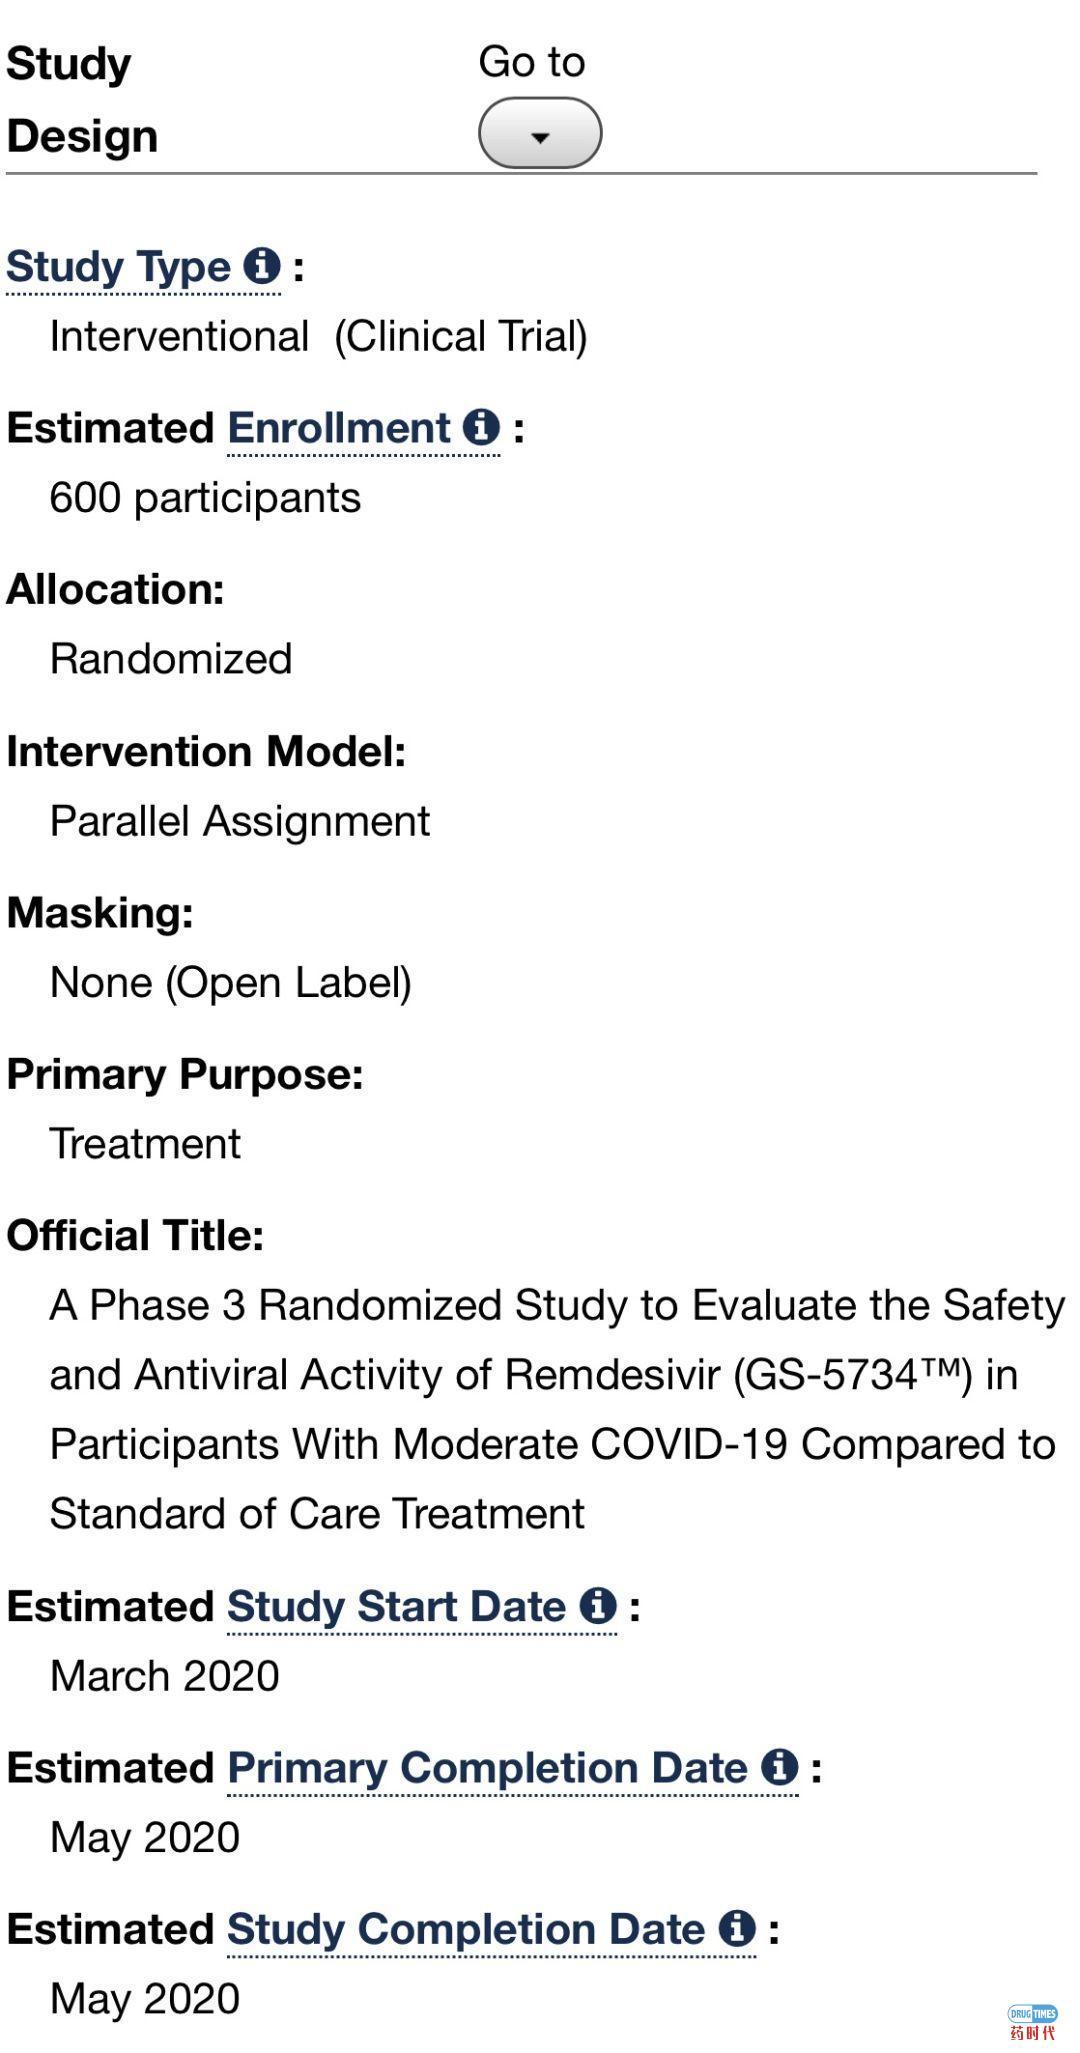 吉利德瑞德西韦临床试验公示信息及解读